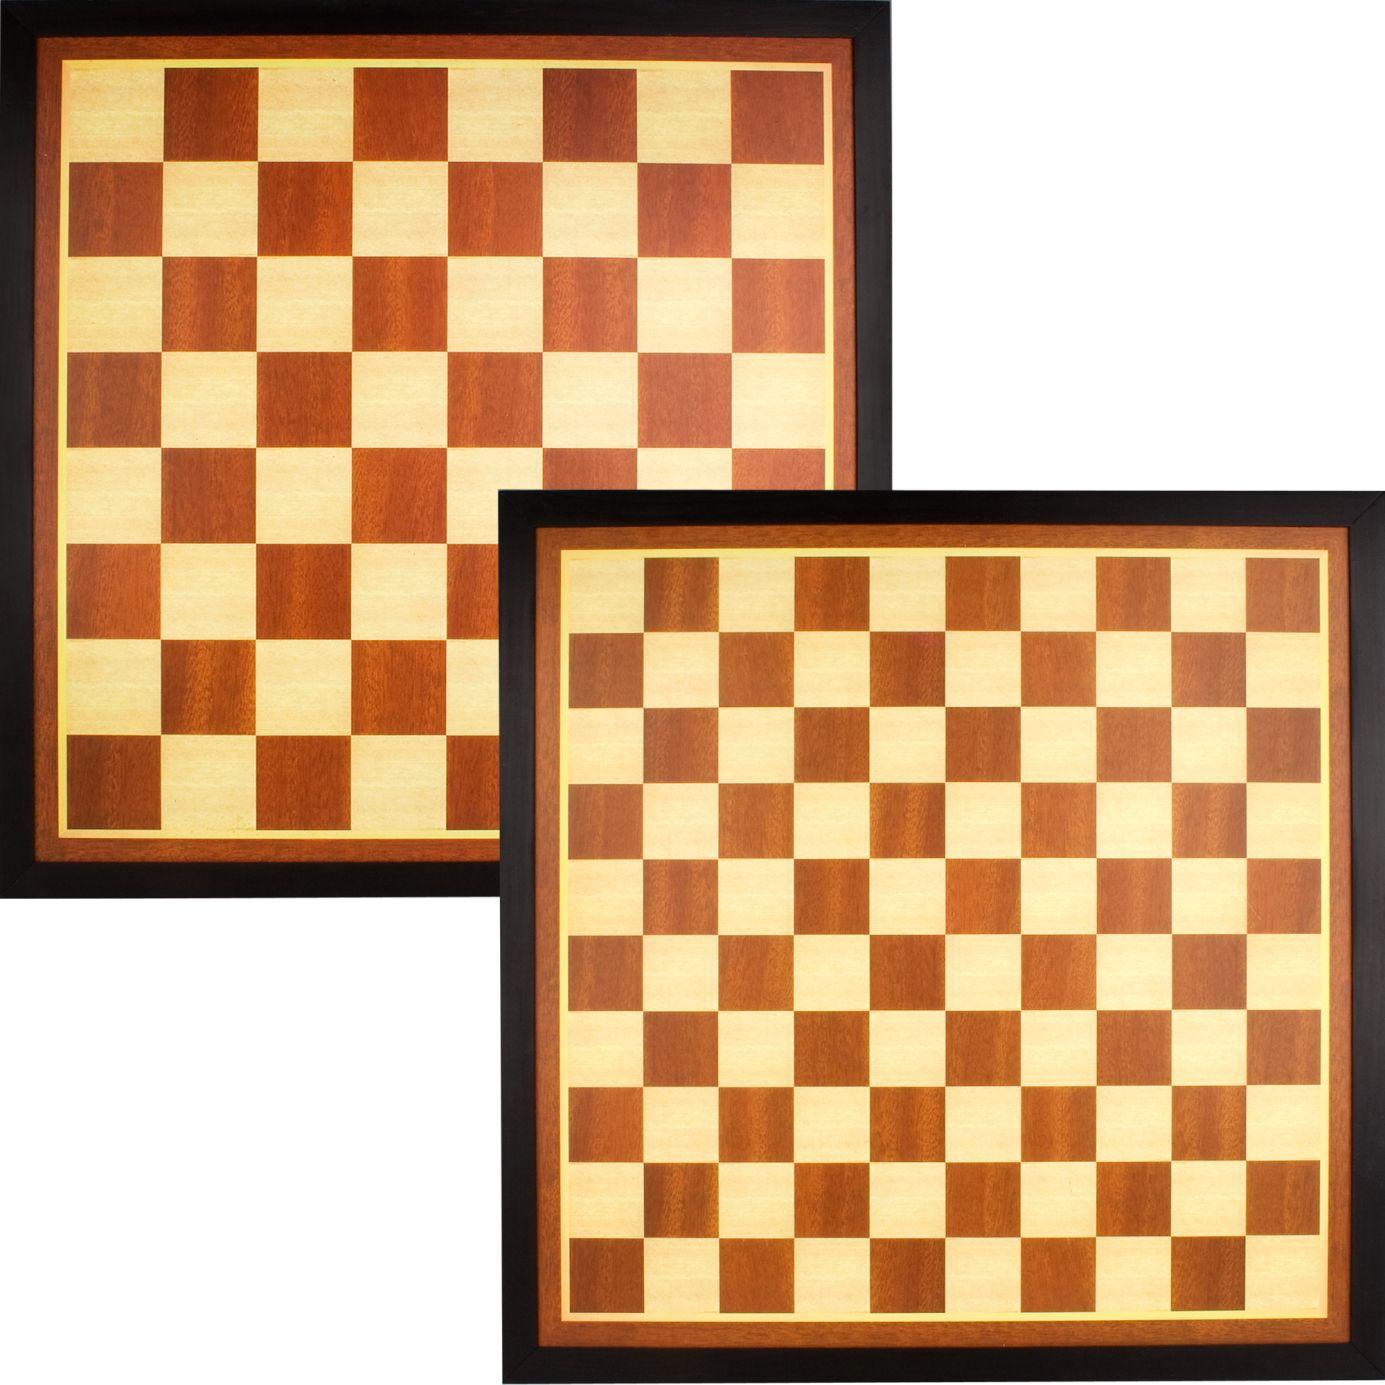 Tabla de sah Abbey® Game 54,5 x 54,5 cm